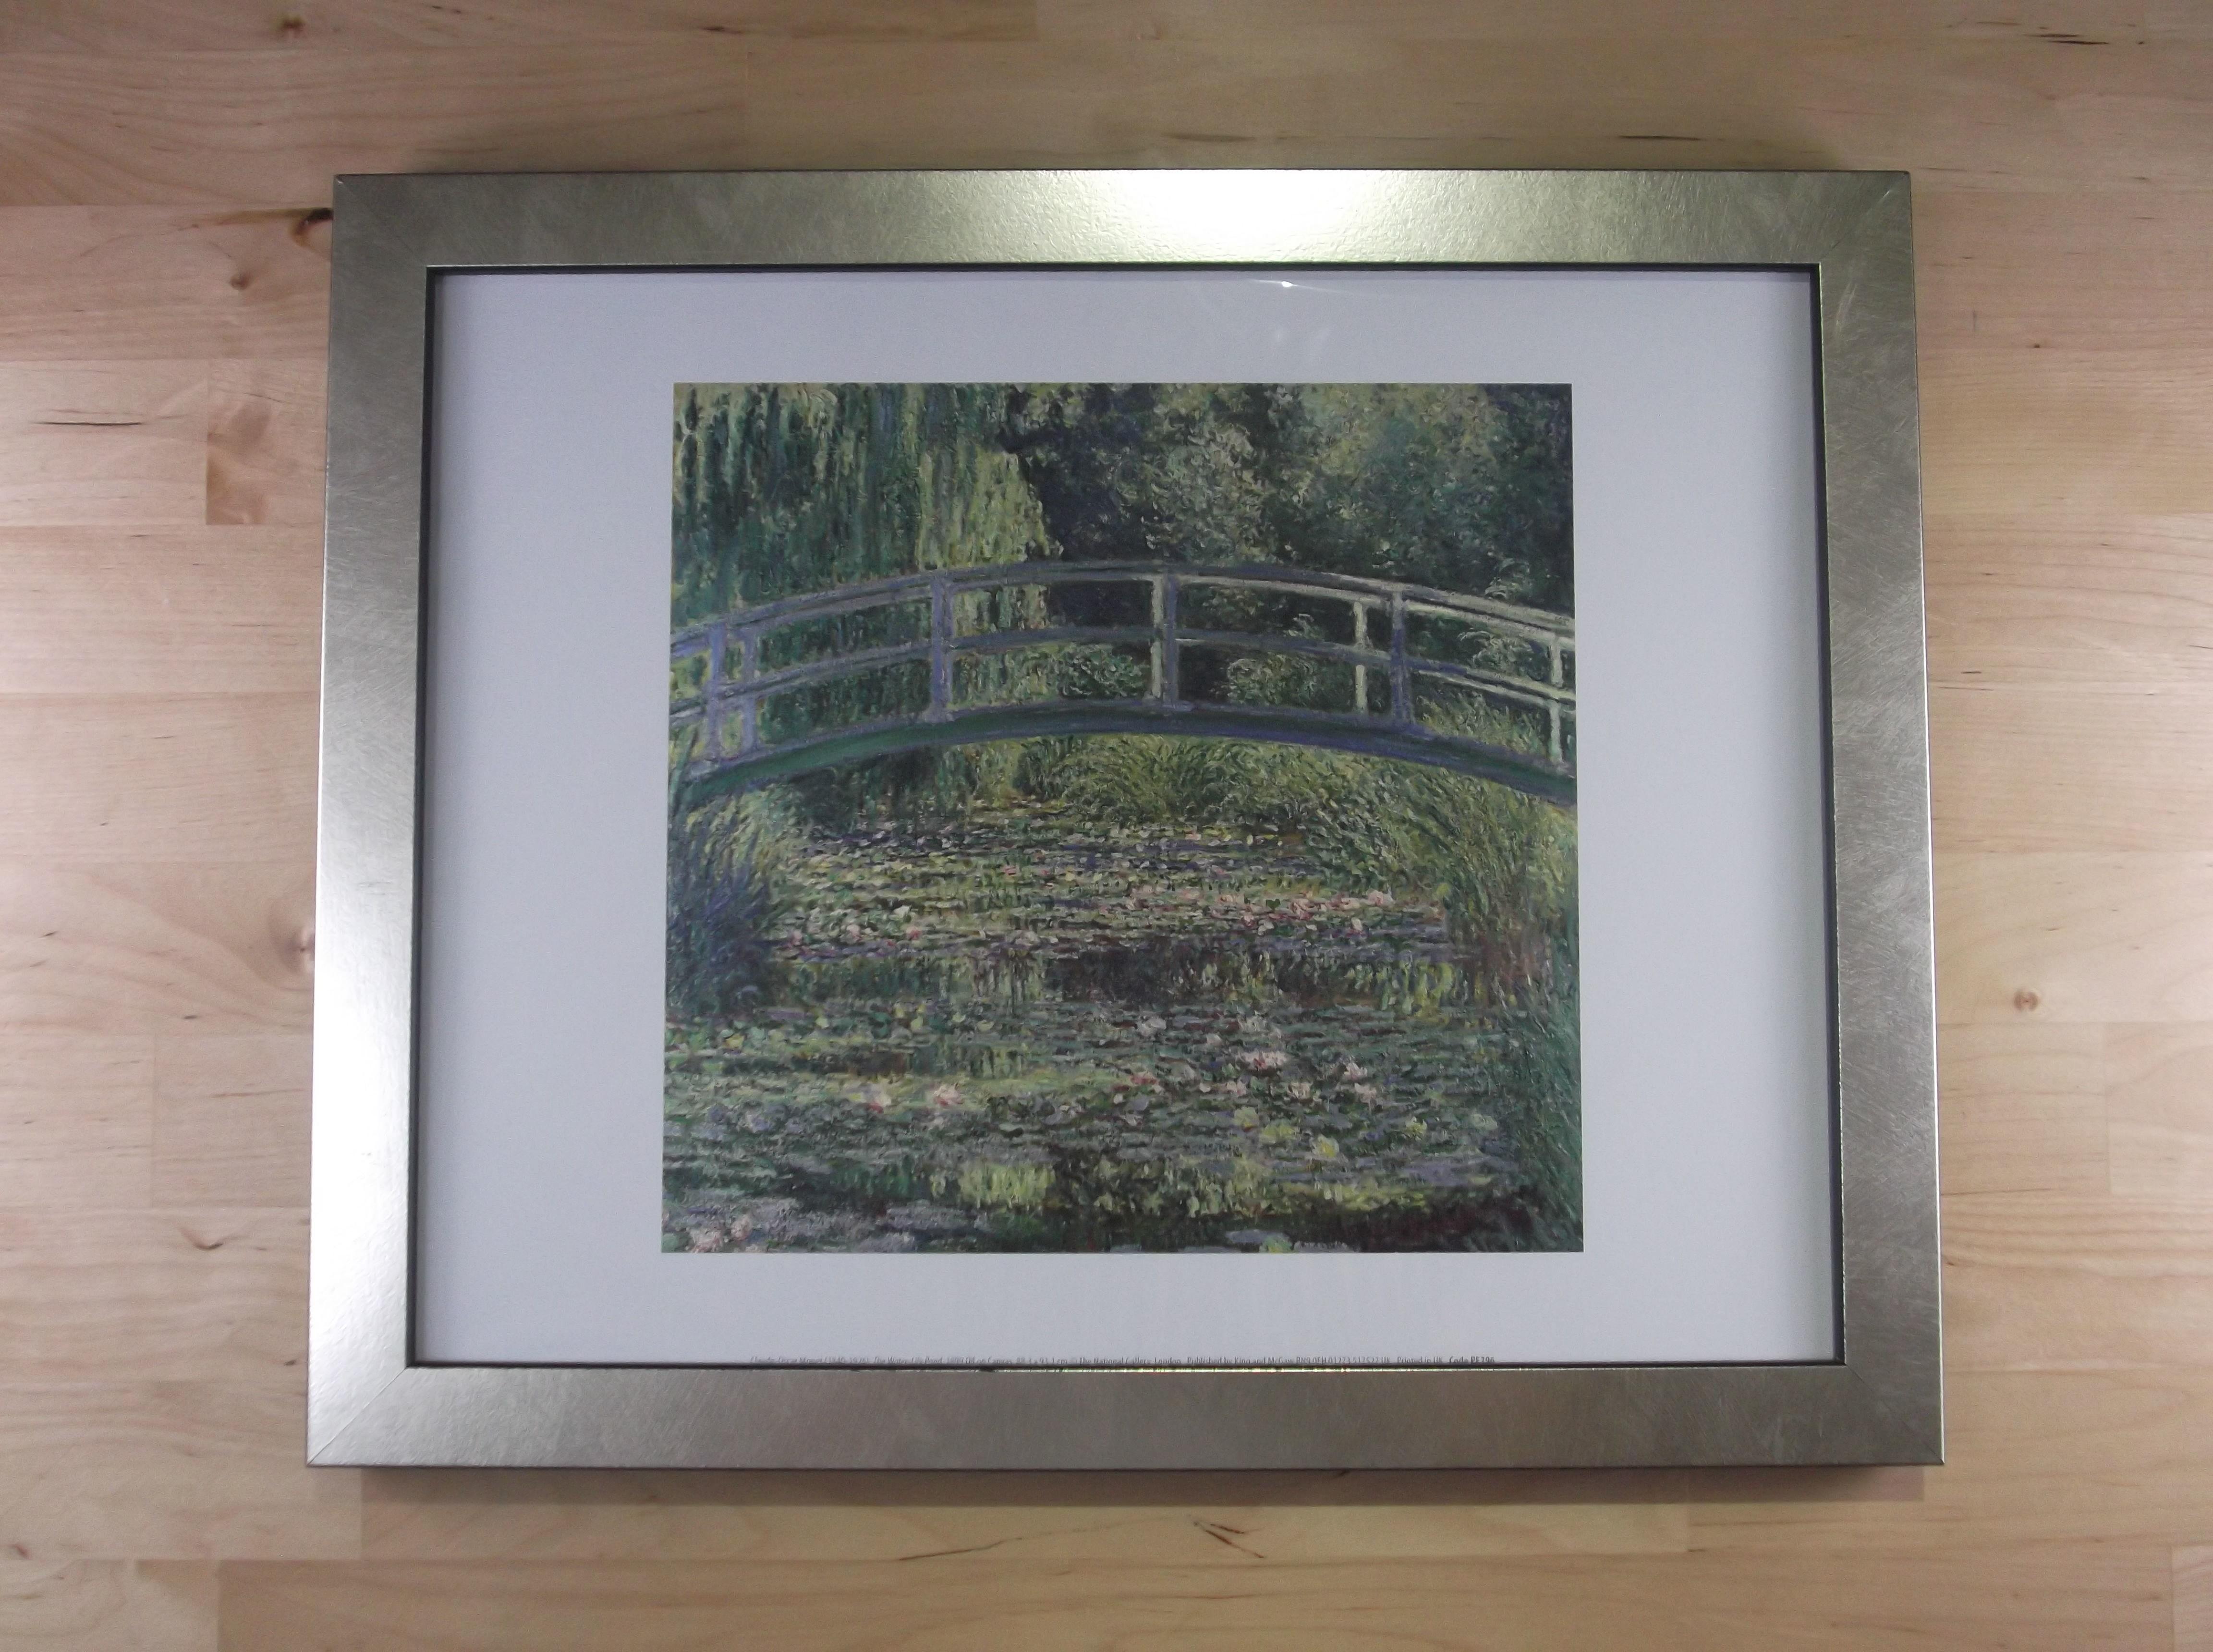 モネ 睡蓮の池 シルバー色額縁絵画プリント(ロンドン ナショナルギャラリー所蔵)